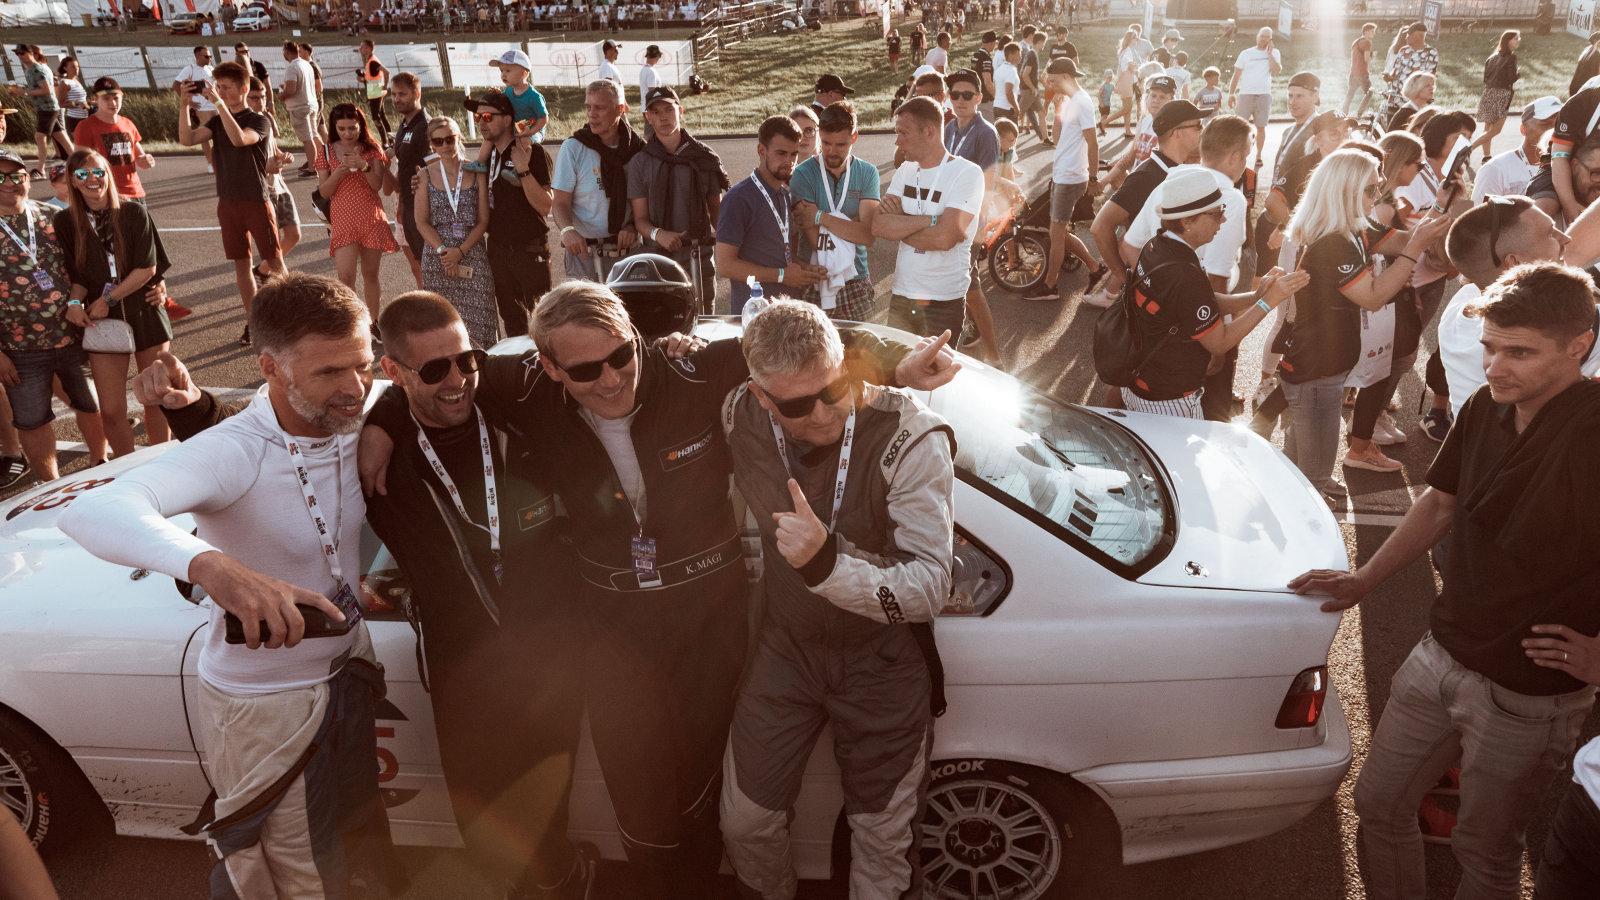 Eestlased noppisid Baltikumi suurimal võidusõiduüritusel esikoha: